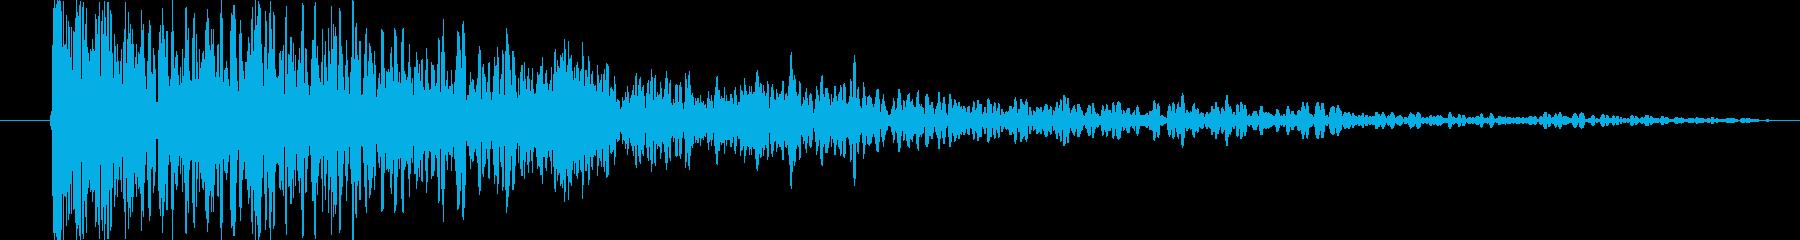 爆発する クローズ02の再生済みの波形